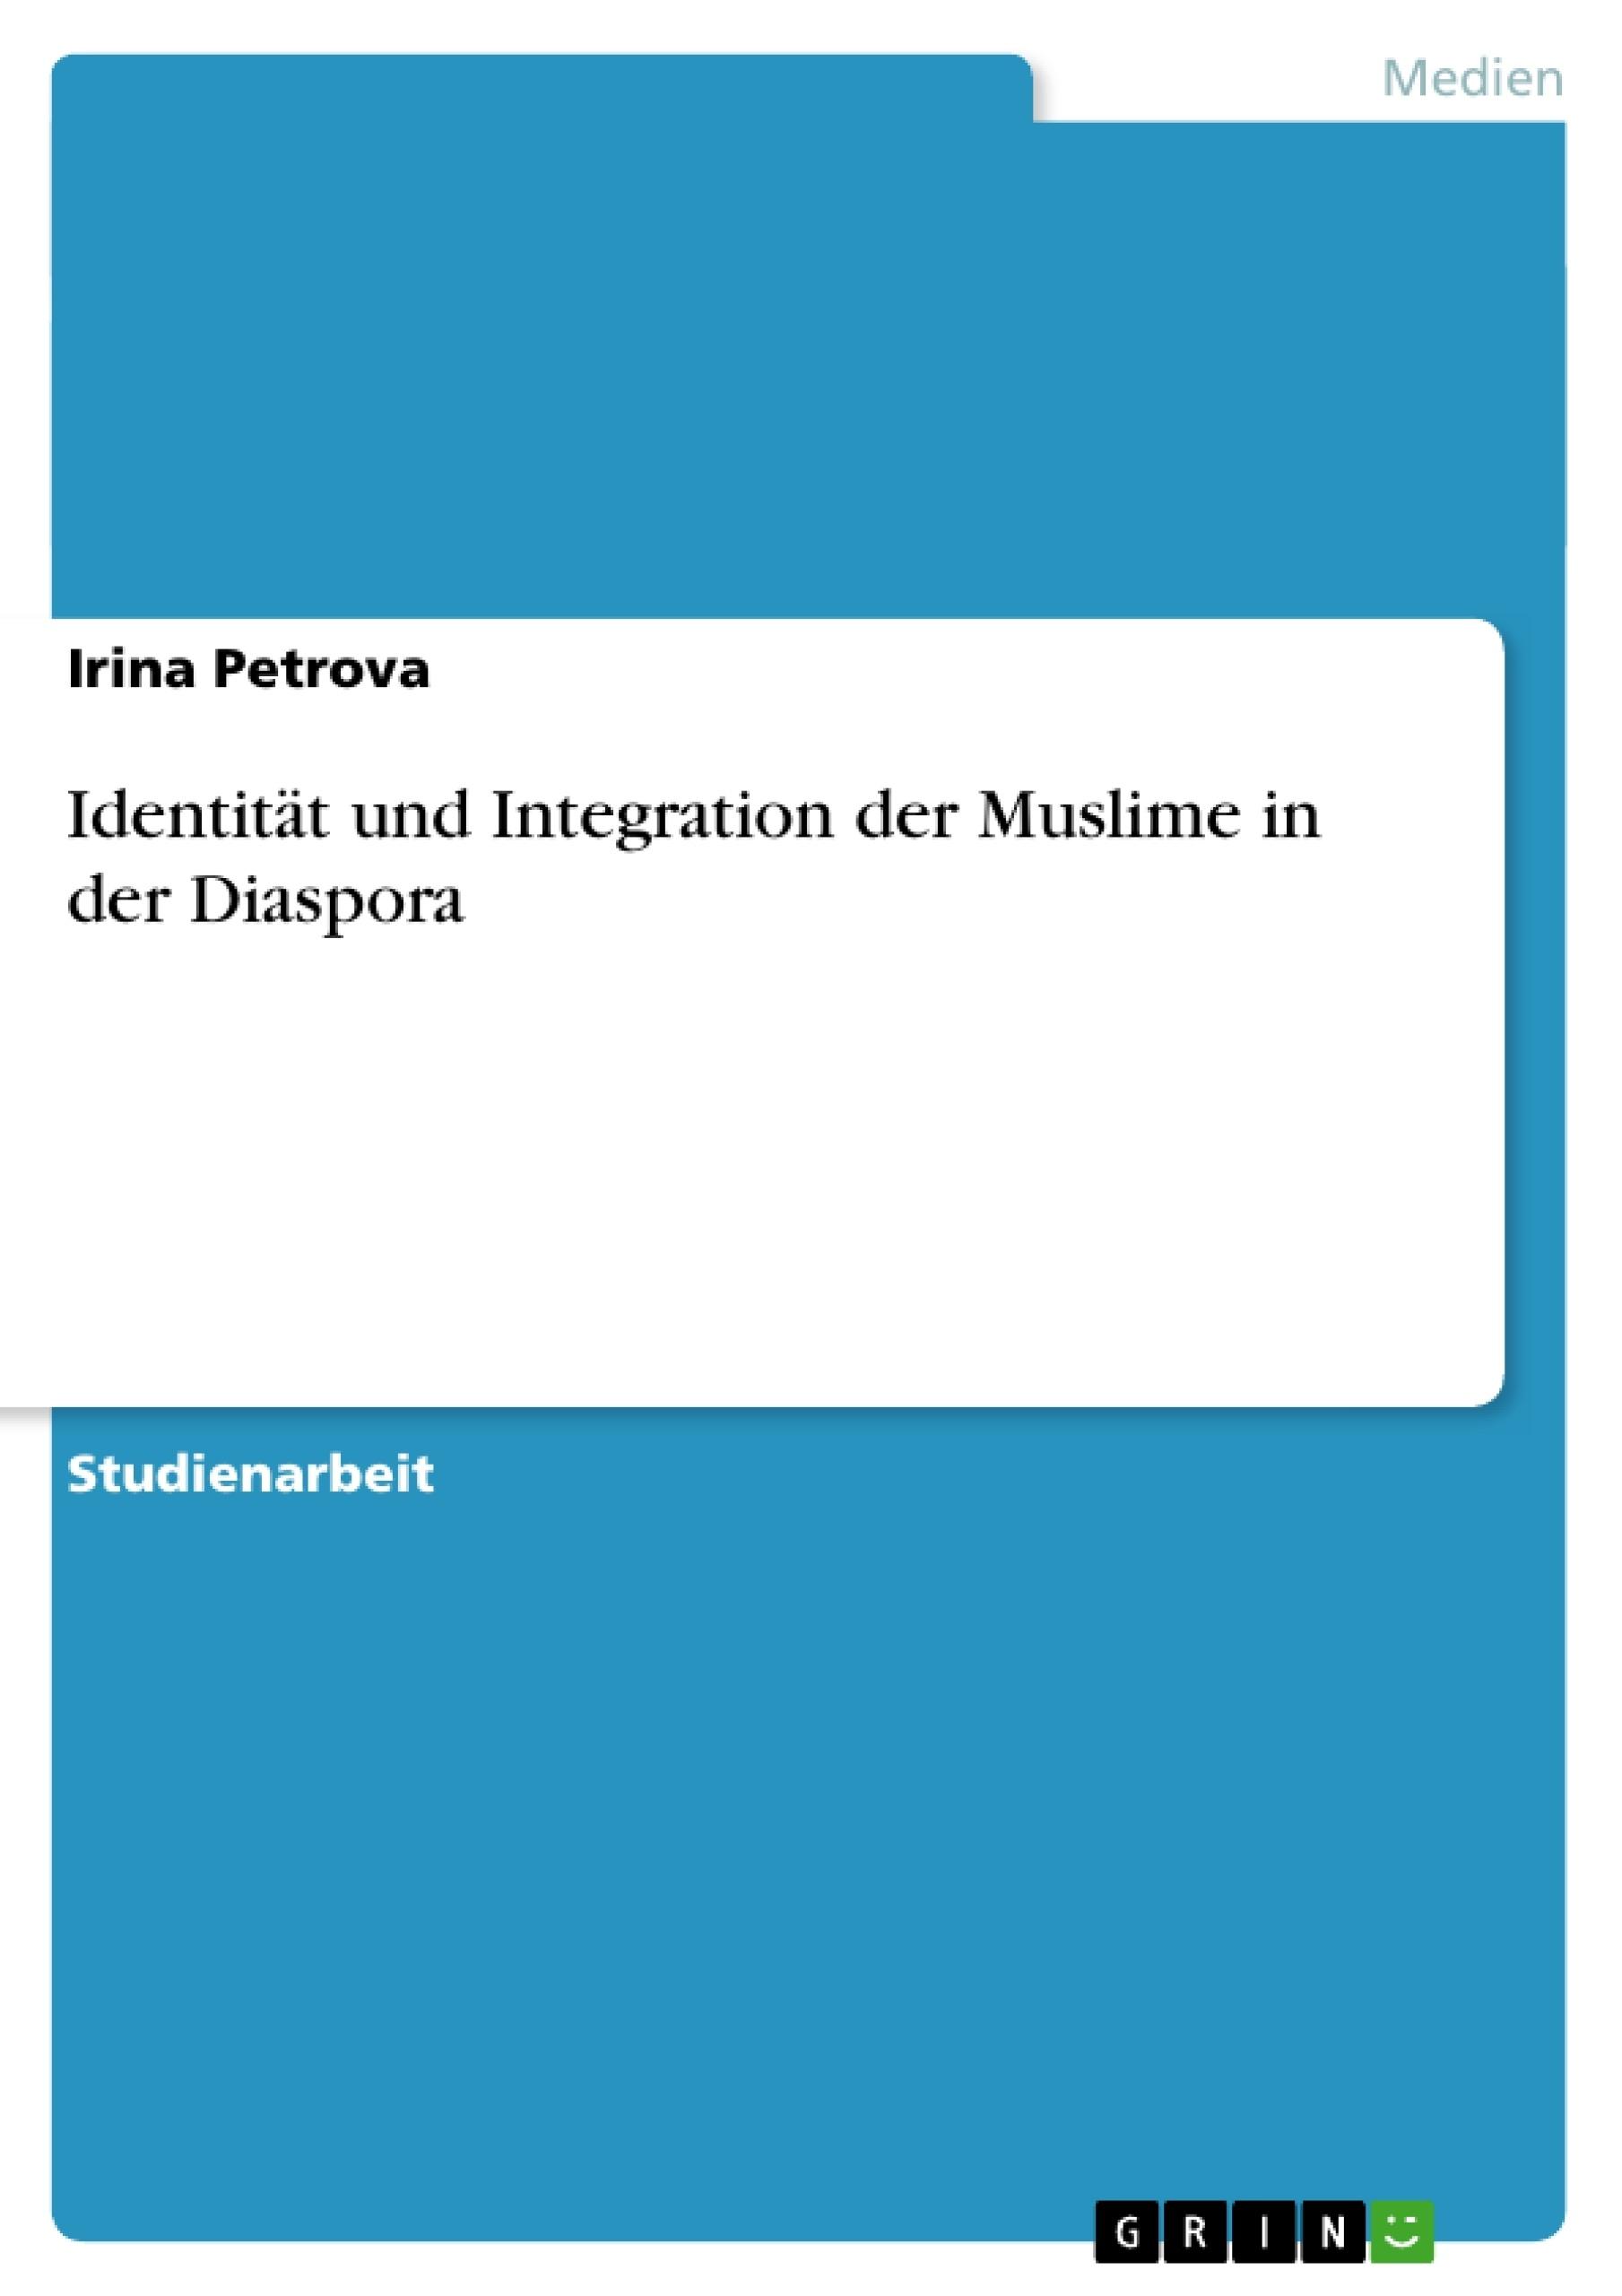 Titel: Identität und Integration der Muslime in der Diaspora